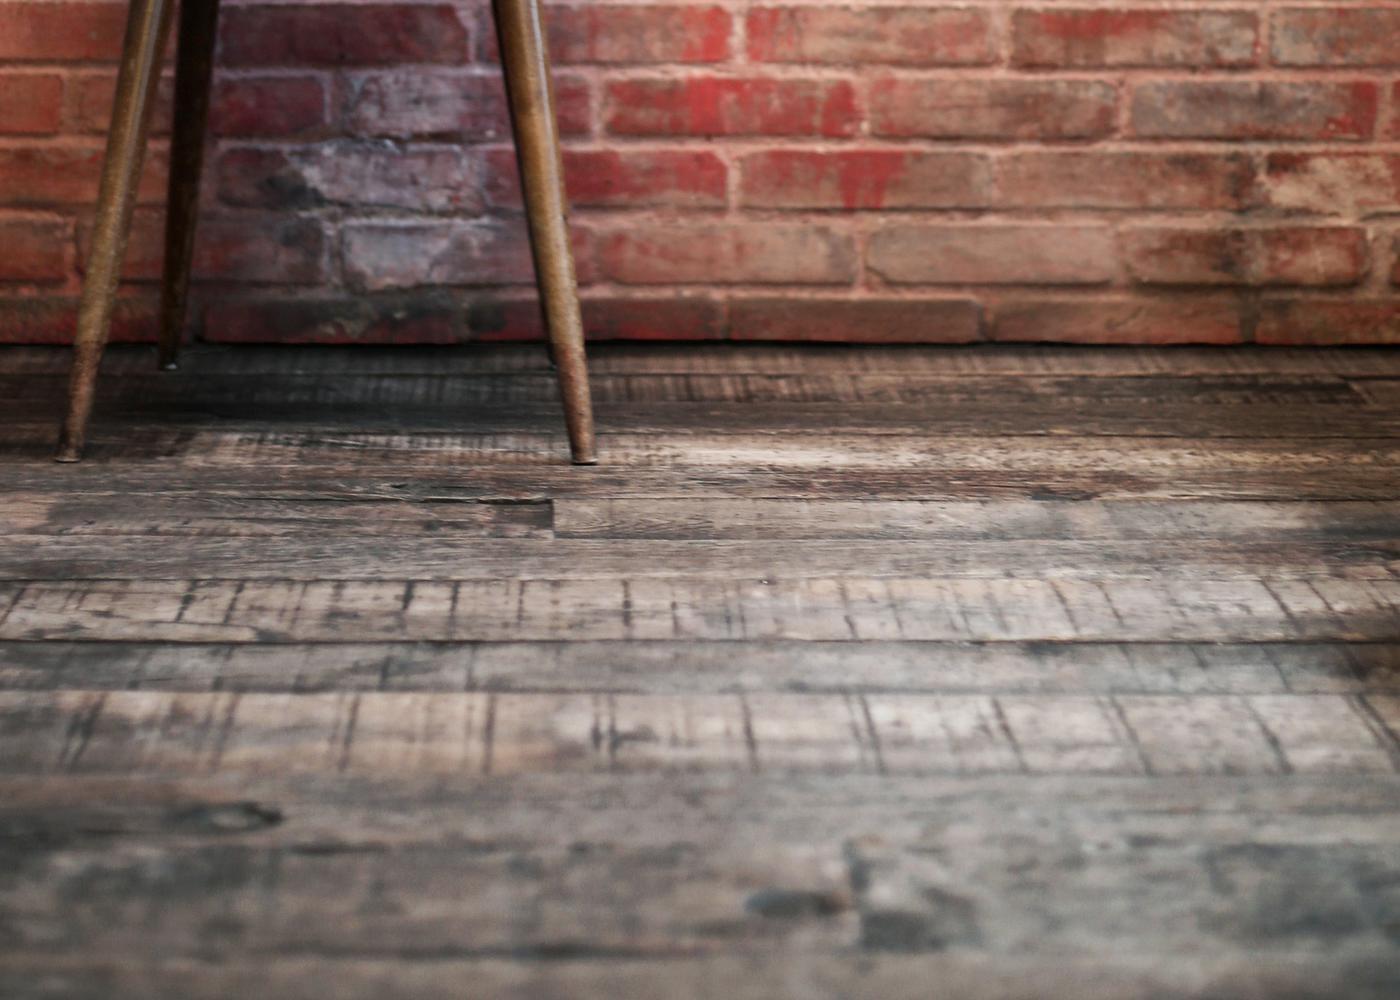 Plancher Massif Chêne Rives Abimées Campagne Vieux Fond De Wagon Origine Brut